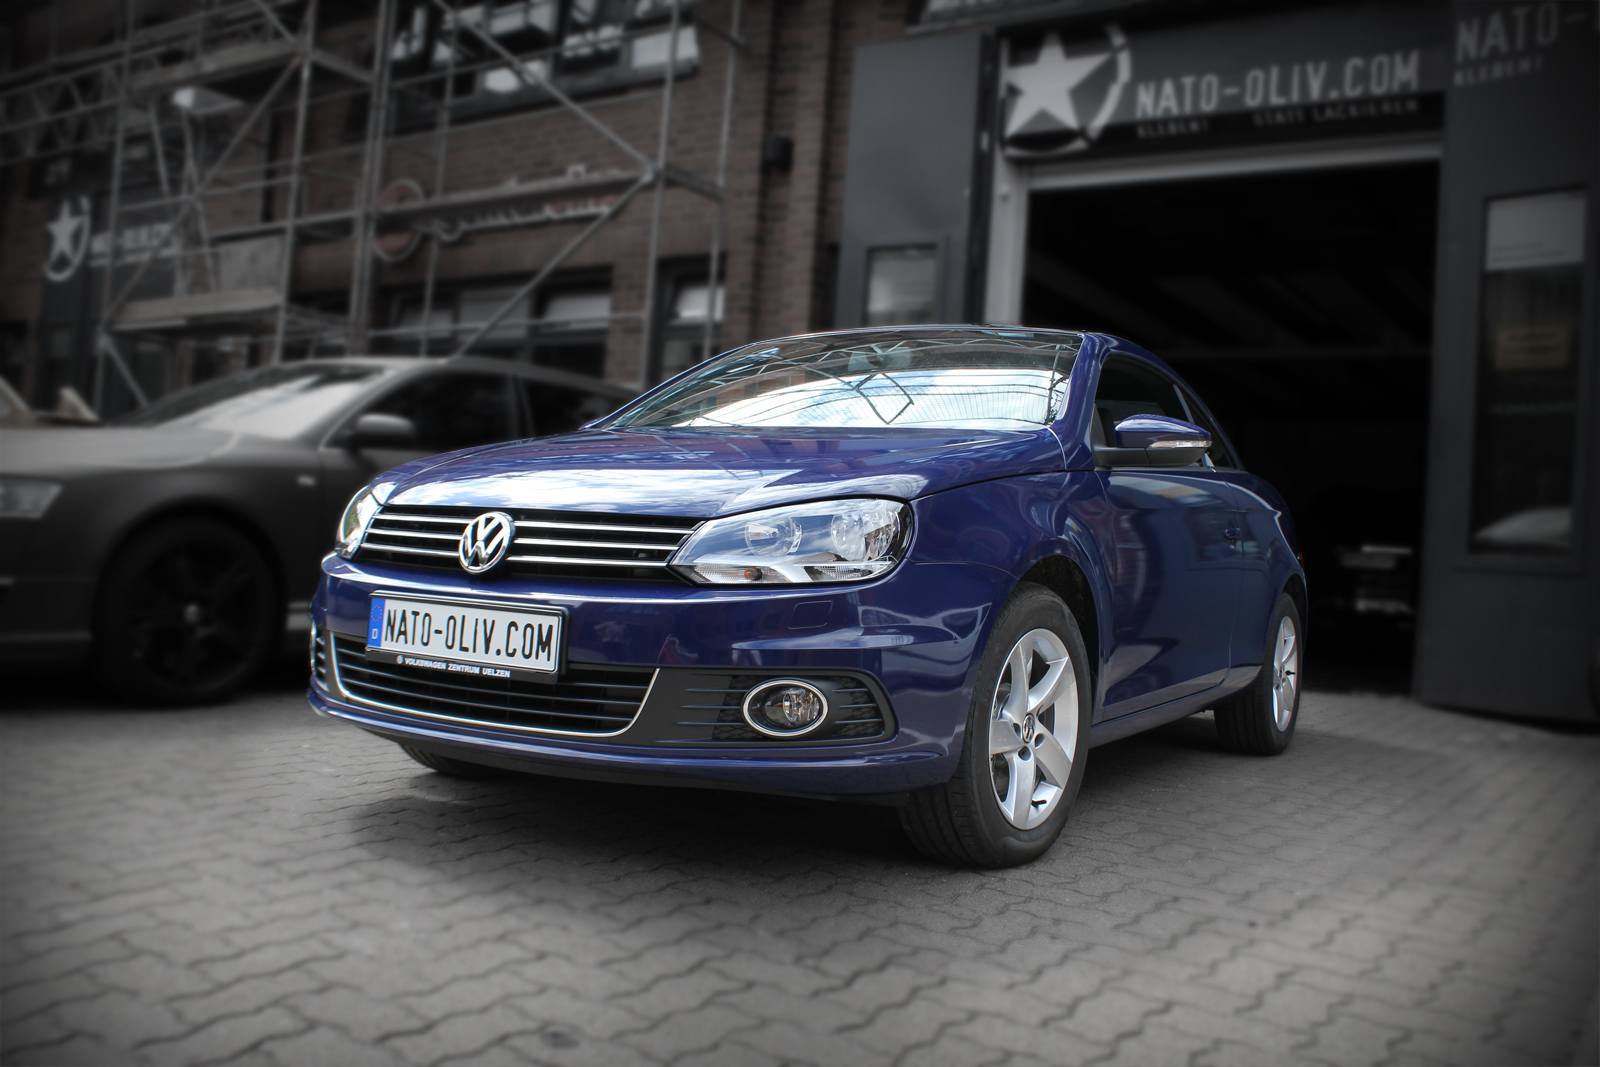 Dieser VW Eos wurde in yachtblau glänzend foliert. Der erst blau metallische Lack wurde komplett mit Hochleistungsfolie beklebt.